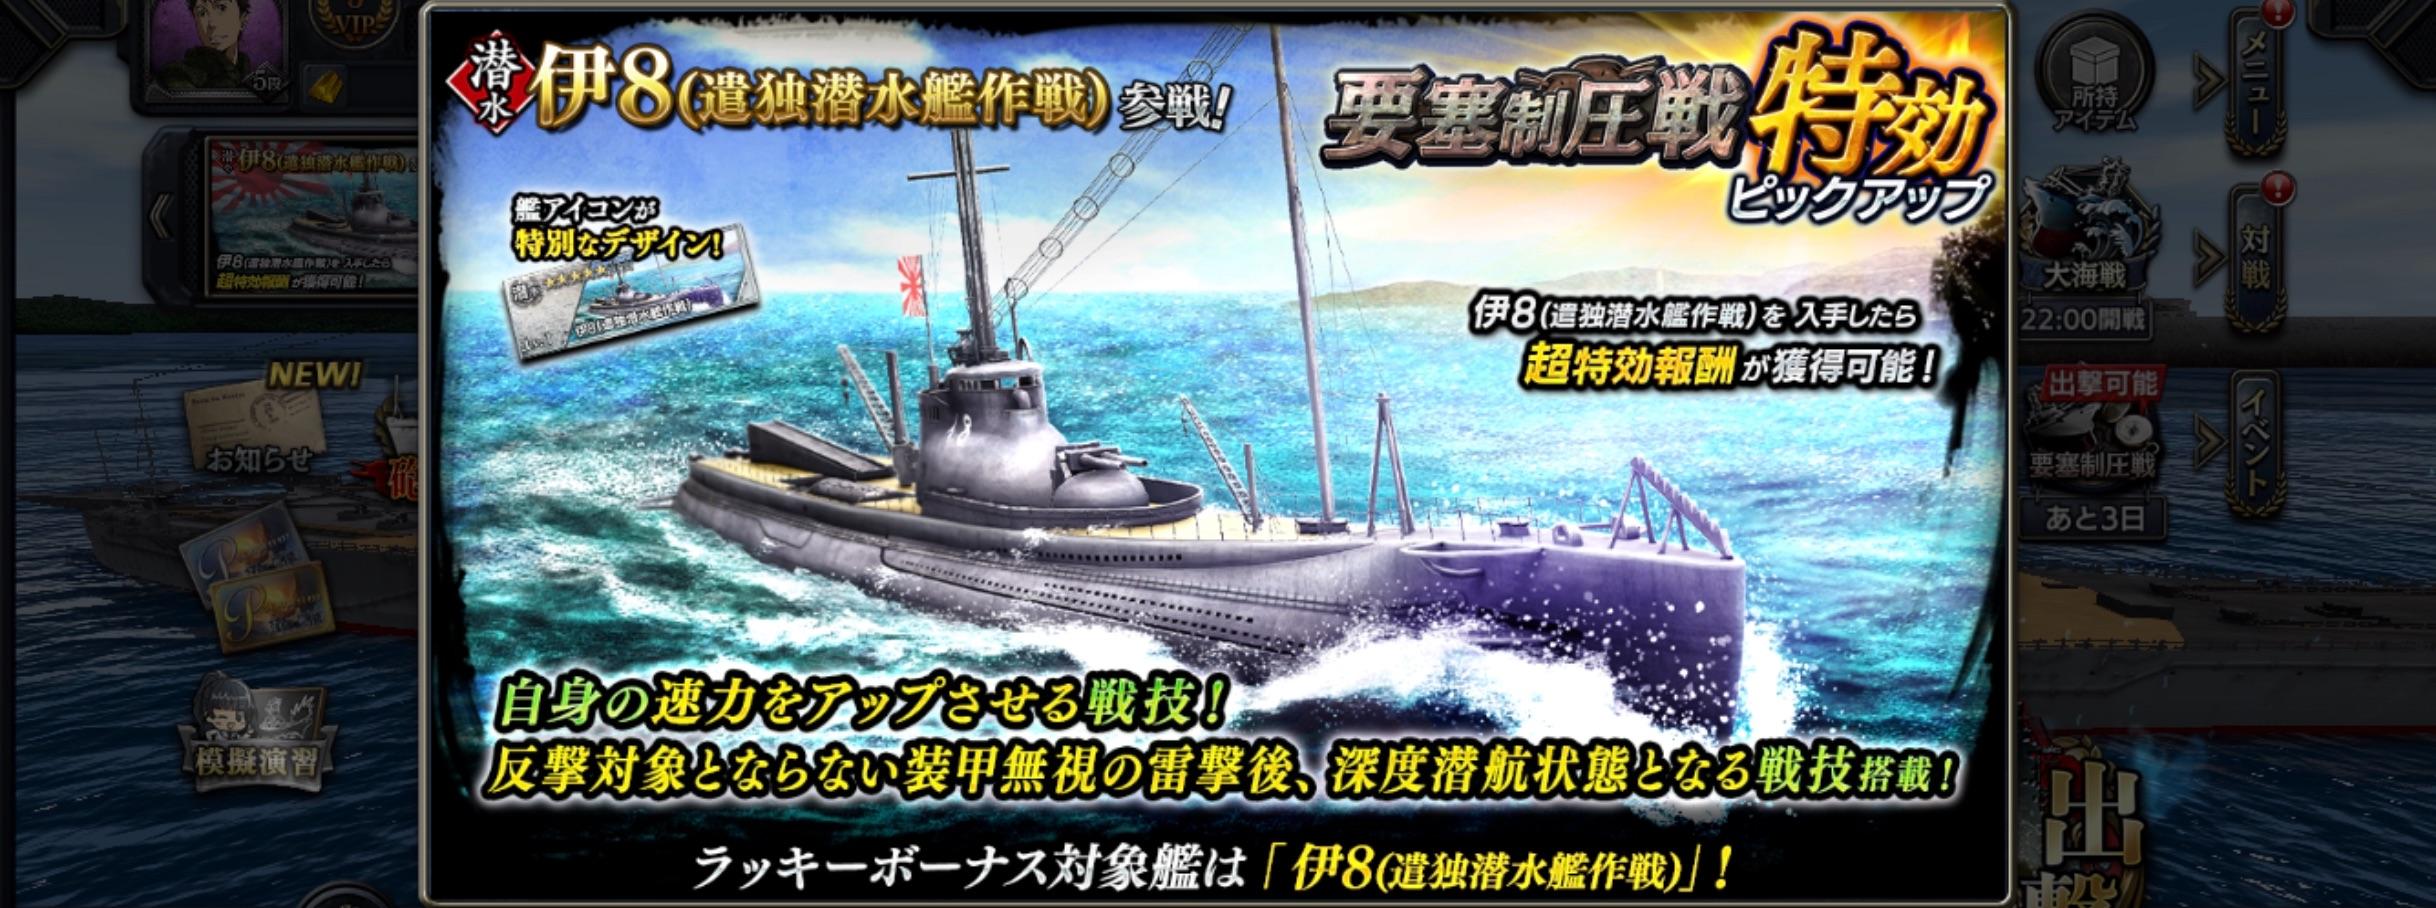 submarine-i8G